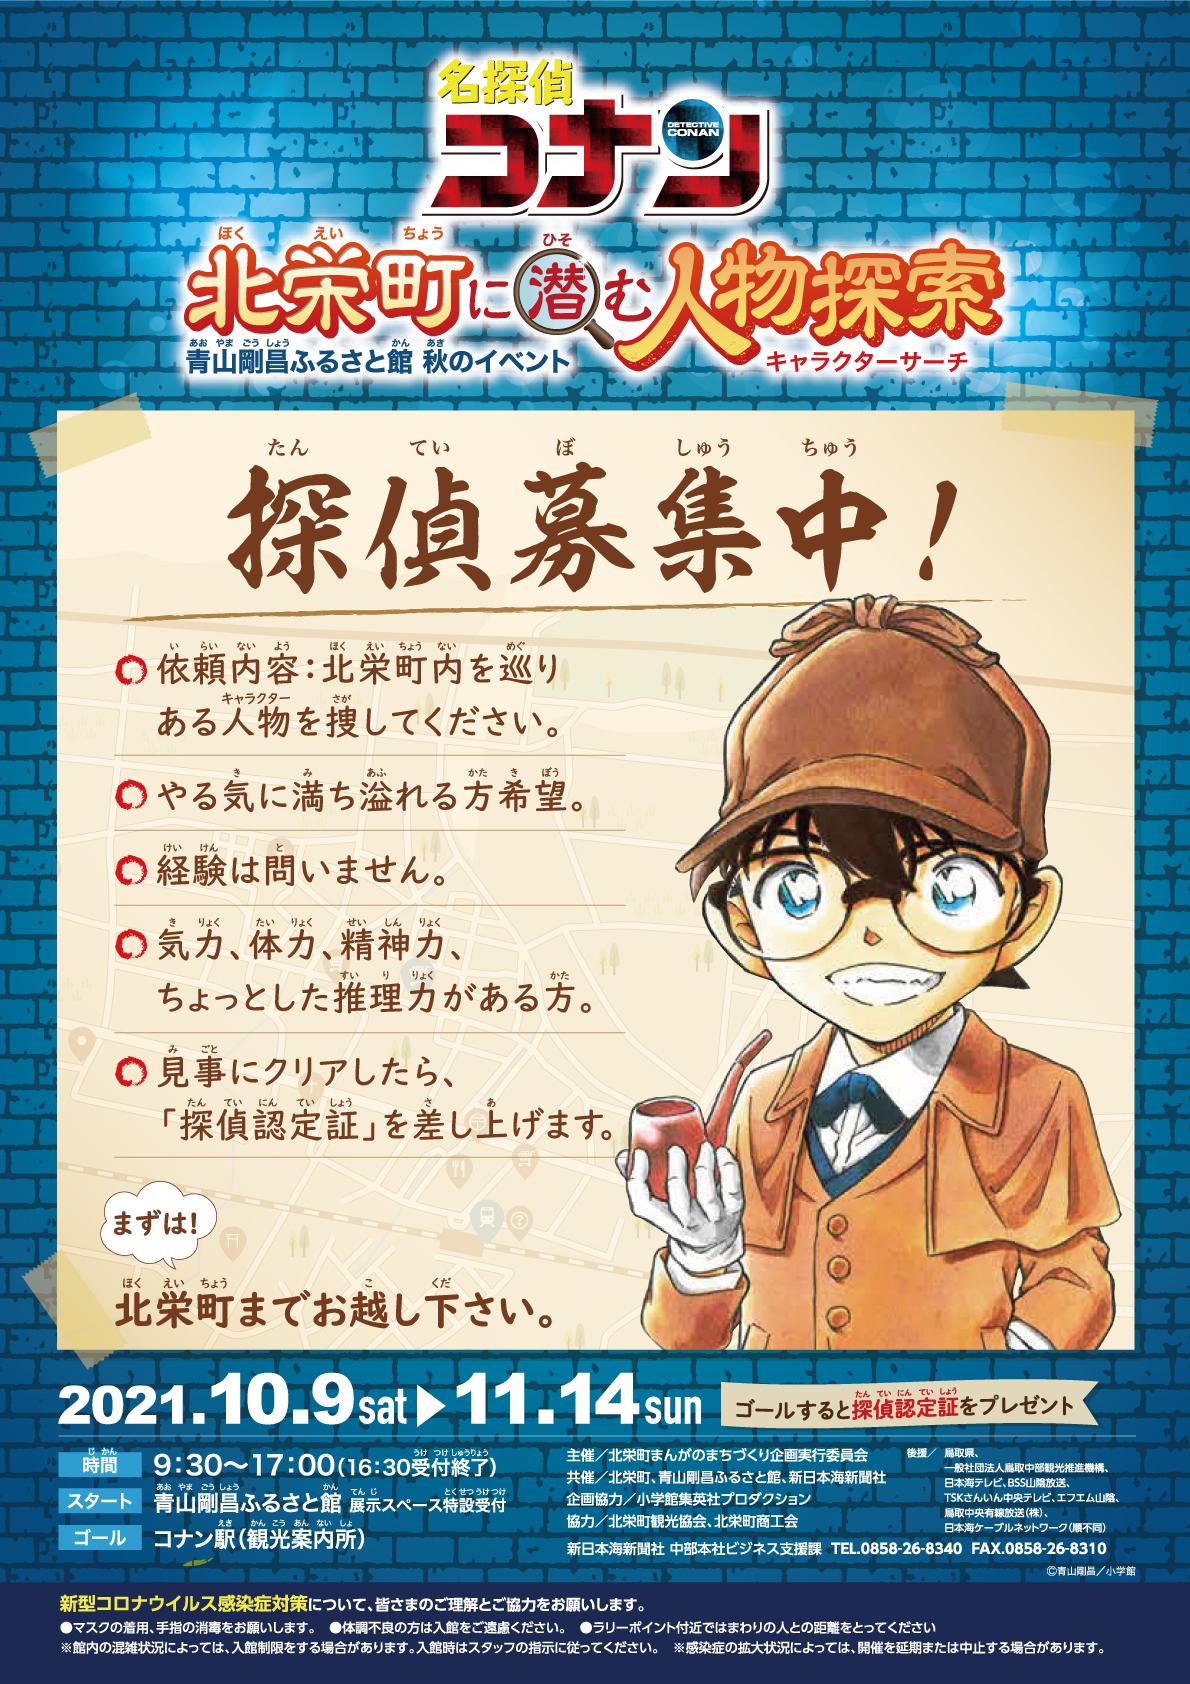 名探偵コナン 北栄町に潜む人物探索(キャラクターサーチ)スタート!